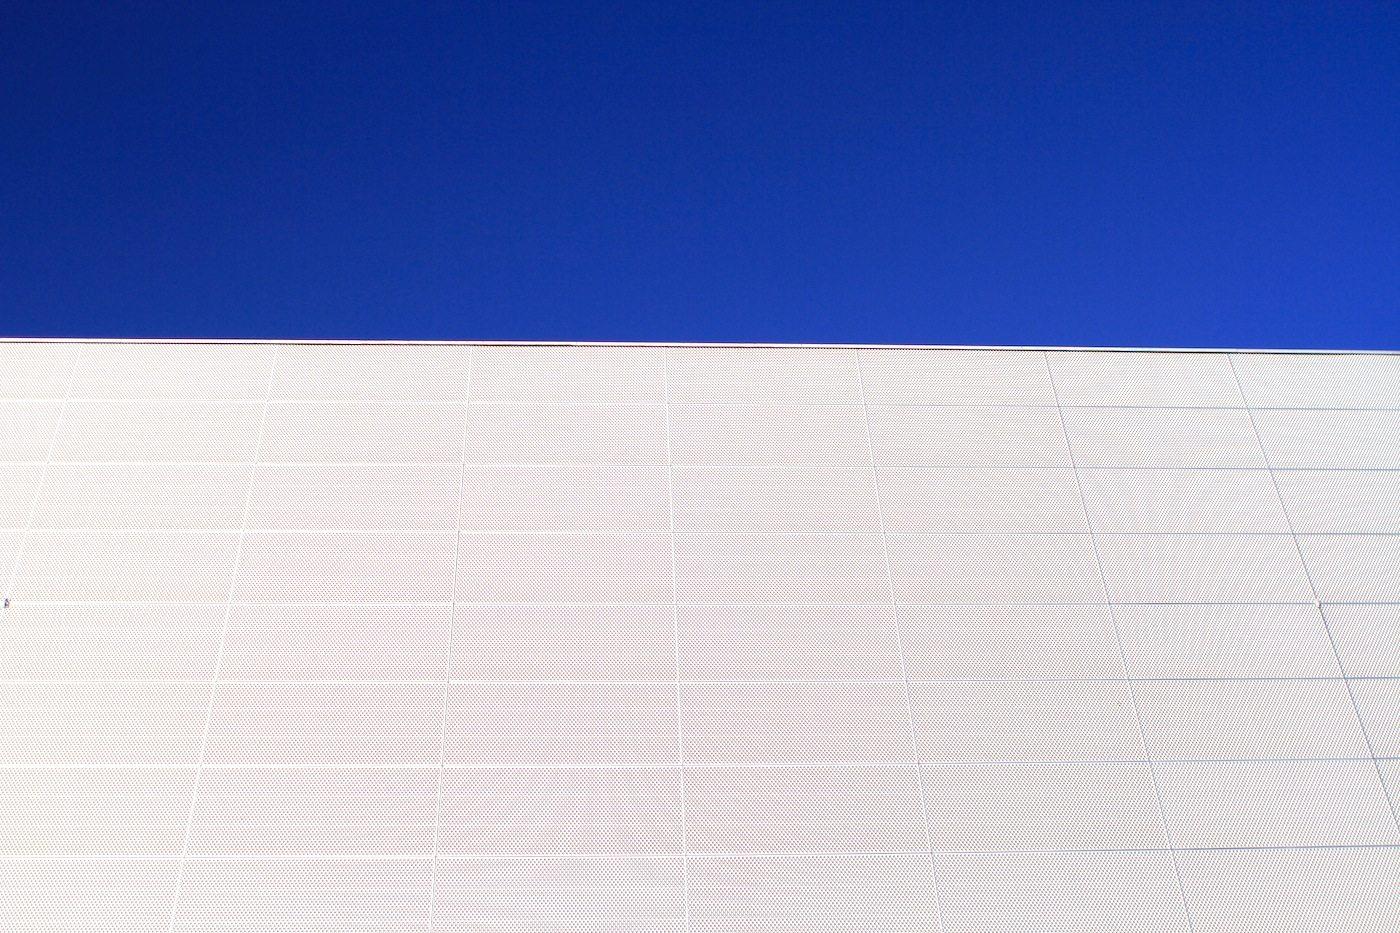 Utopolis. OMA, Rotterdam und Floris Alkemade. Wer durch das Zentrum geht, sollte unbedingt auf die Fassadengestaltung achten. Ein Fest für die Augen.